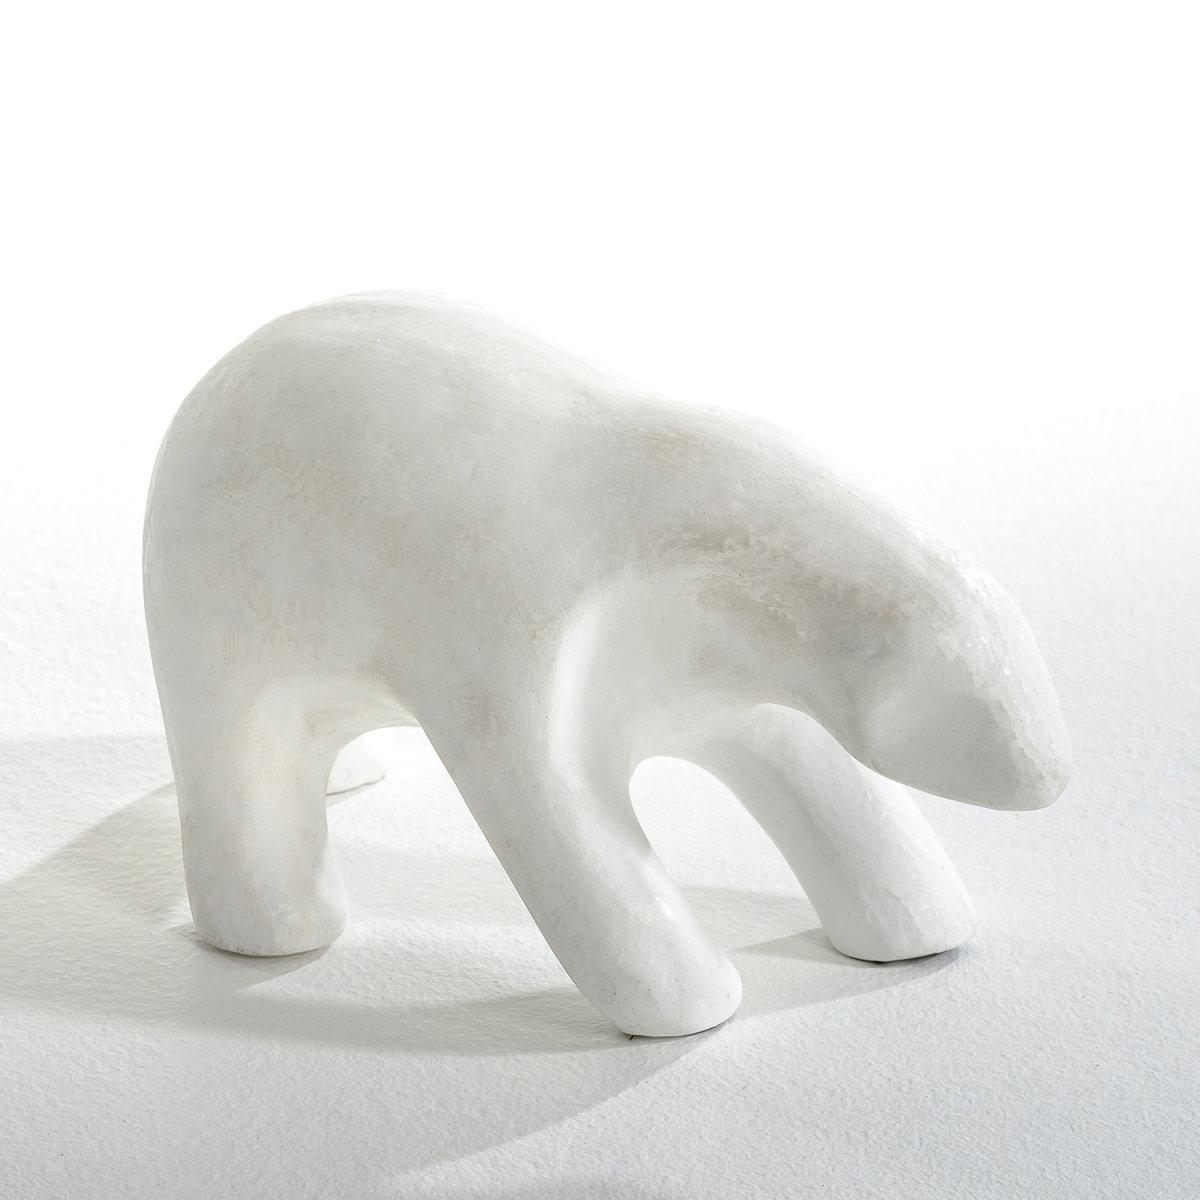 Медведь керамический NestorПолярный медведь из керамики. Идеально дополнит интерьер. Размеры: Длина ок. 25 см x шир. 11см x Выс. 14 см.<br><br>Цвет: белый<br>Размер: единый размер